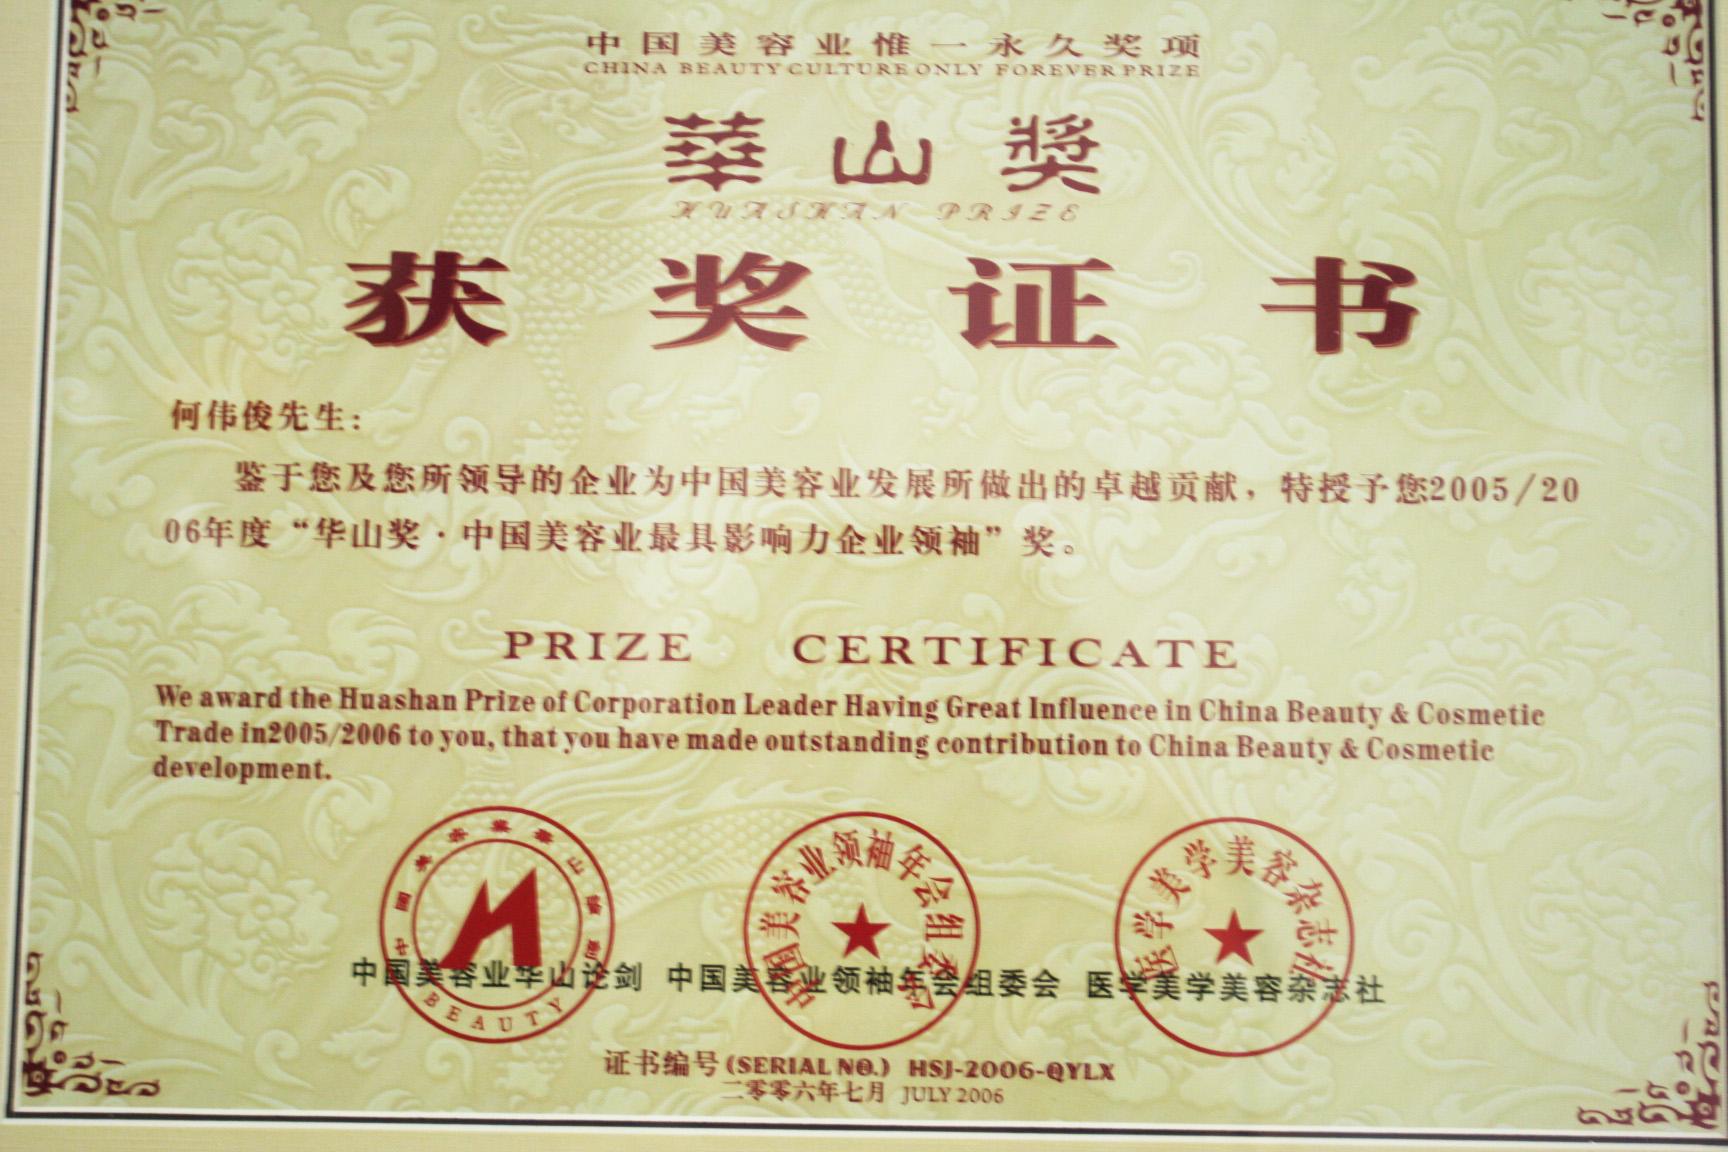 """2005-2006年度""""华山奖·中国美容业最具影响力企业领袖""""证书"""